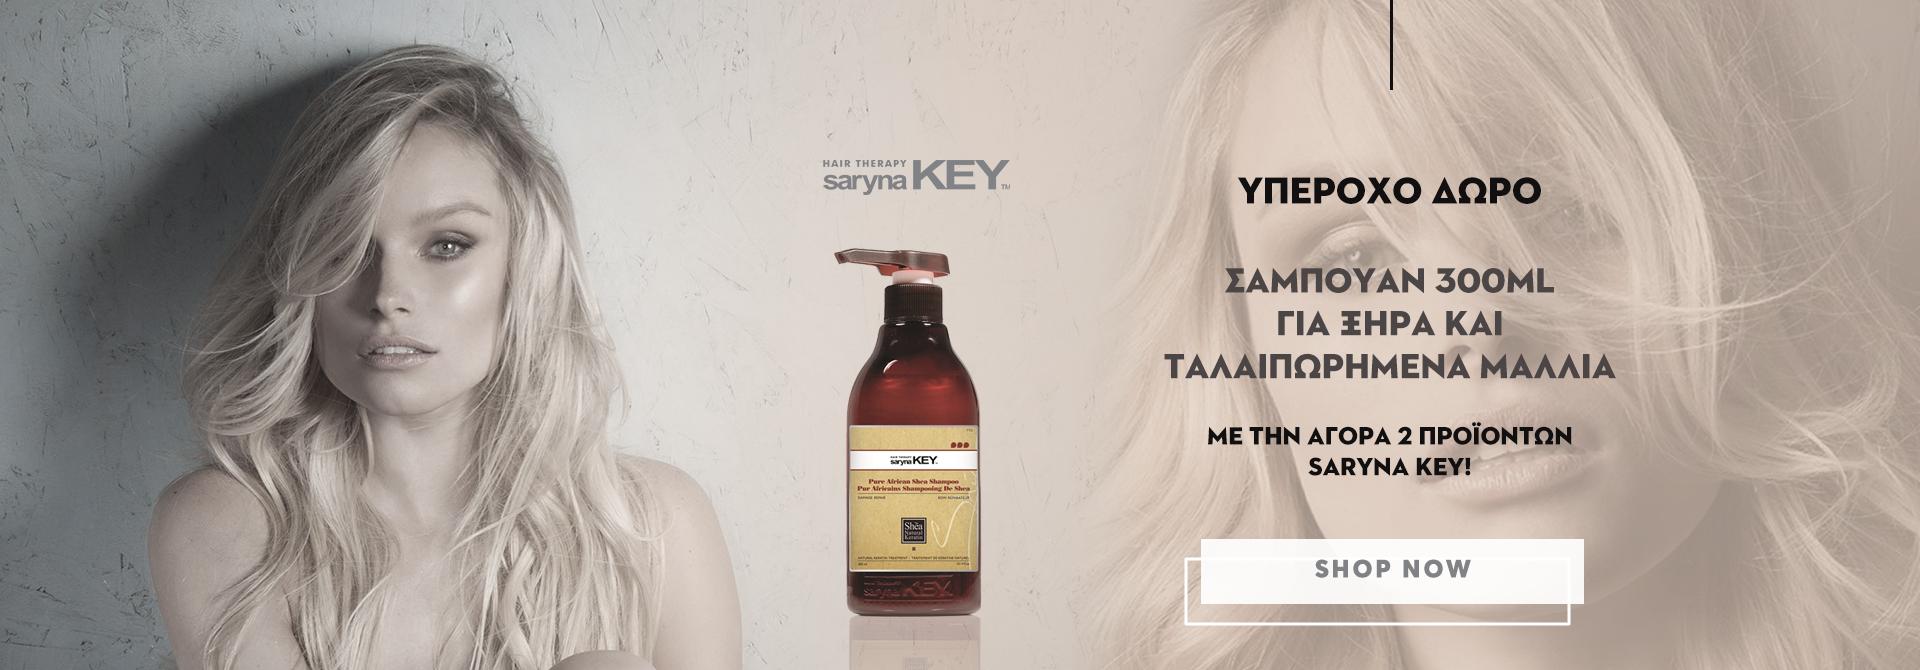 Δώρο σαμπουάν 300ml με κάθε αγορά 2 προϊόντων Saryna Key!